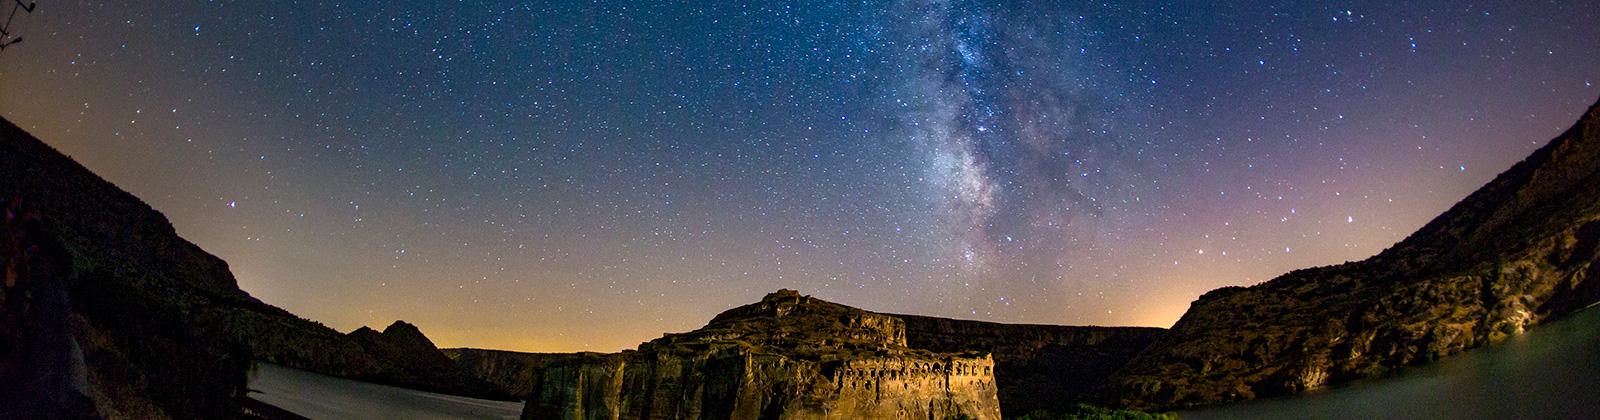 星空 银河系4K风景超高清壁纸精选